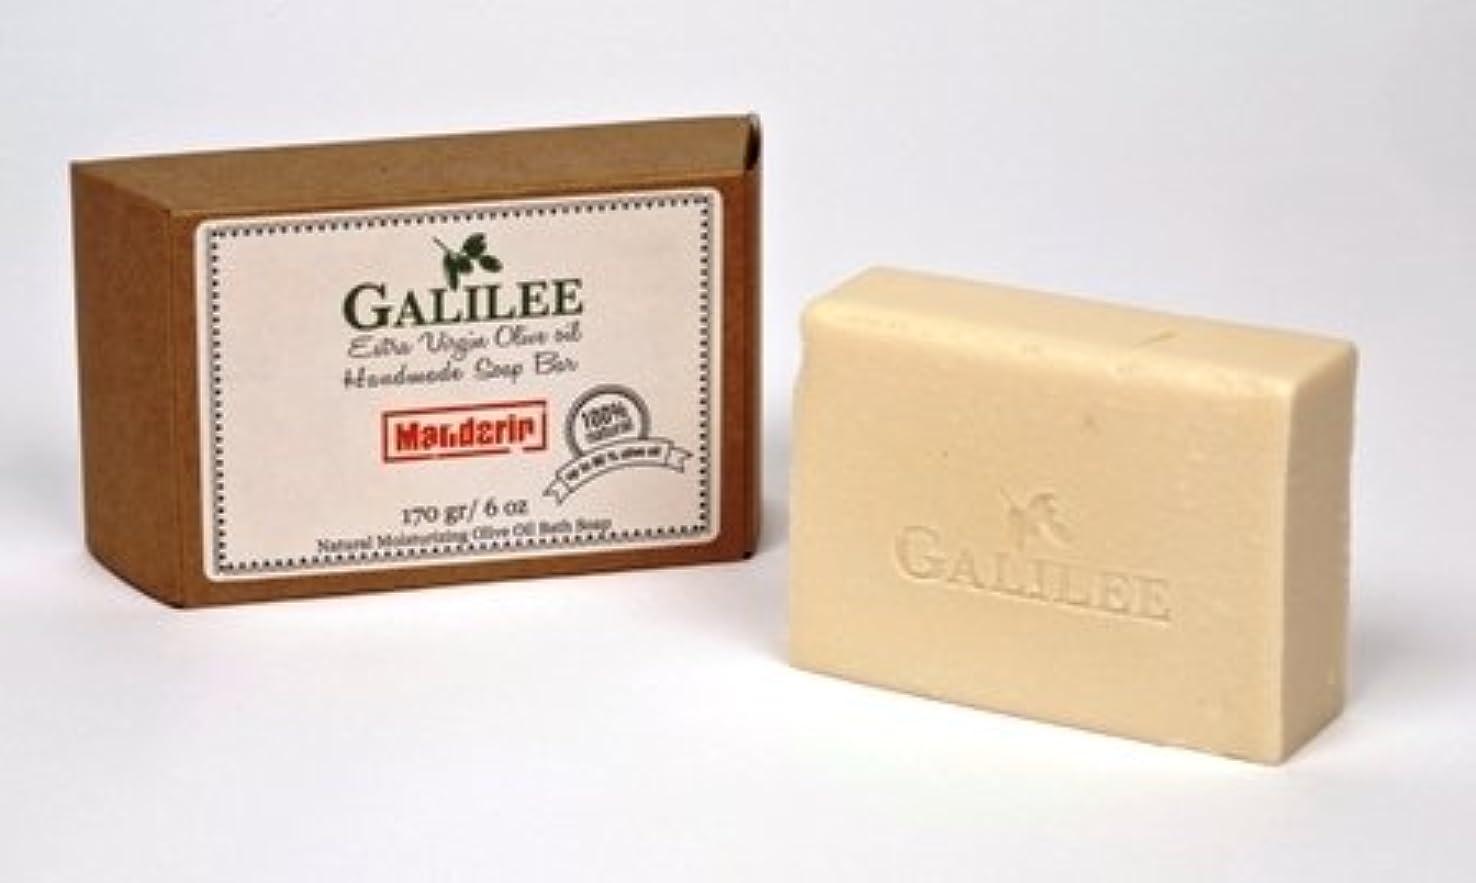 恐ろしい辞書好意Galilee Olive Oil Soap ガリラヤオリーブオイルソープバー 6oz ローズマリーミント&オリーブオイル